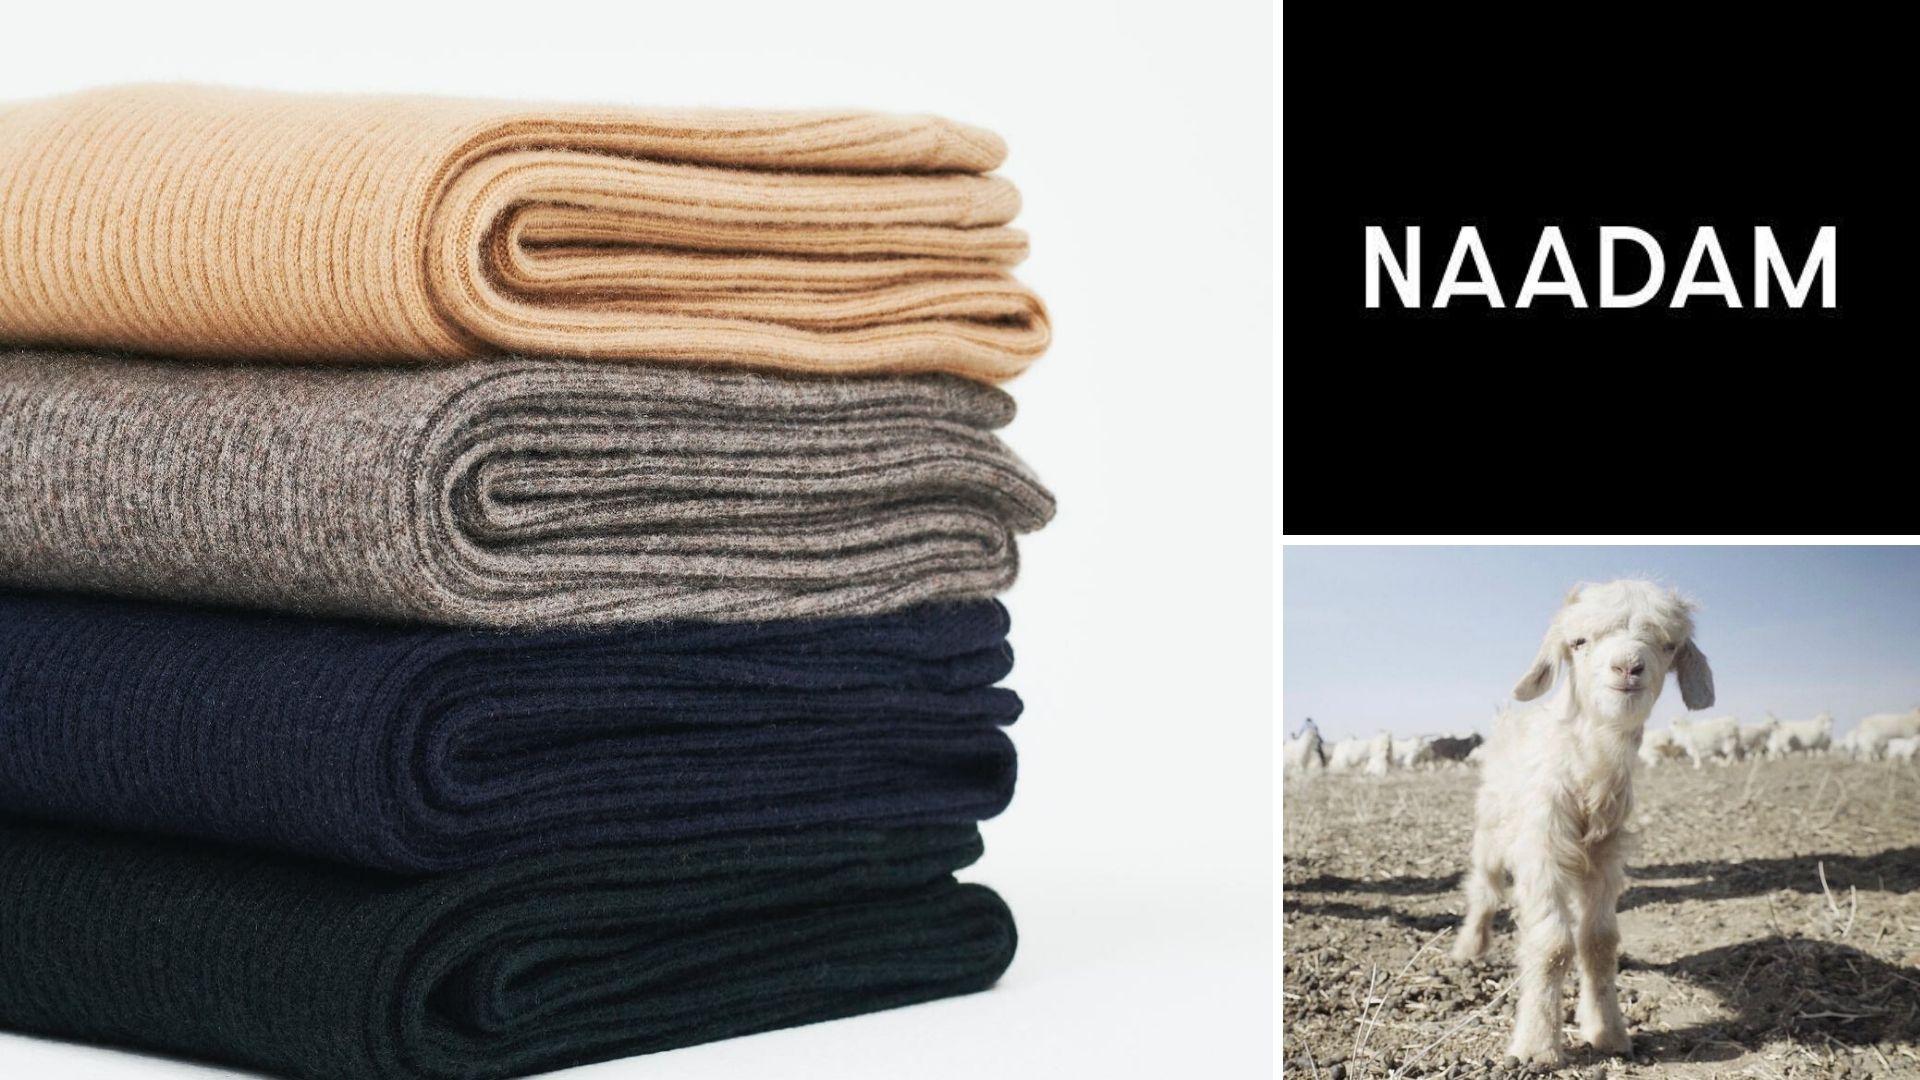 Image: folded cashmere, cashmere baby goat